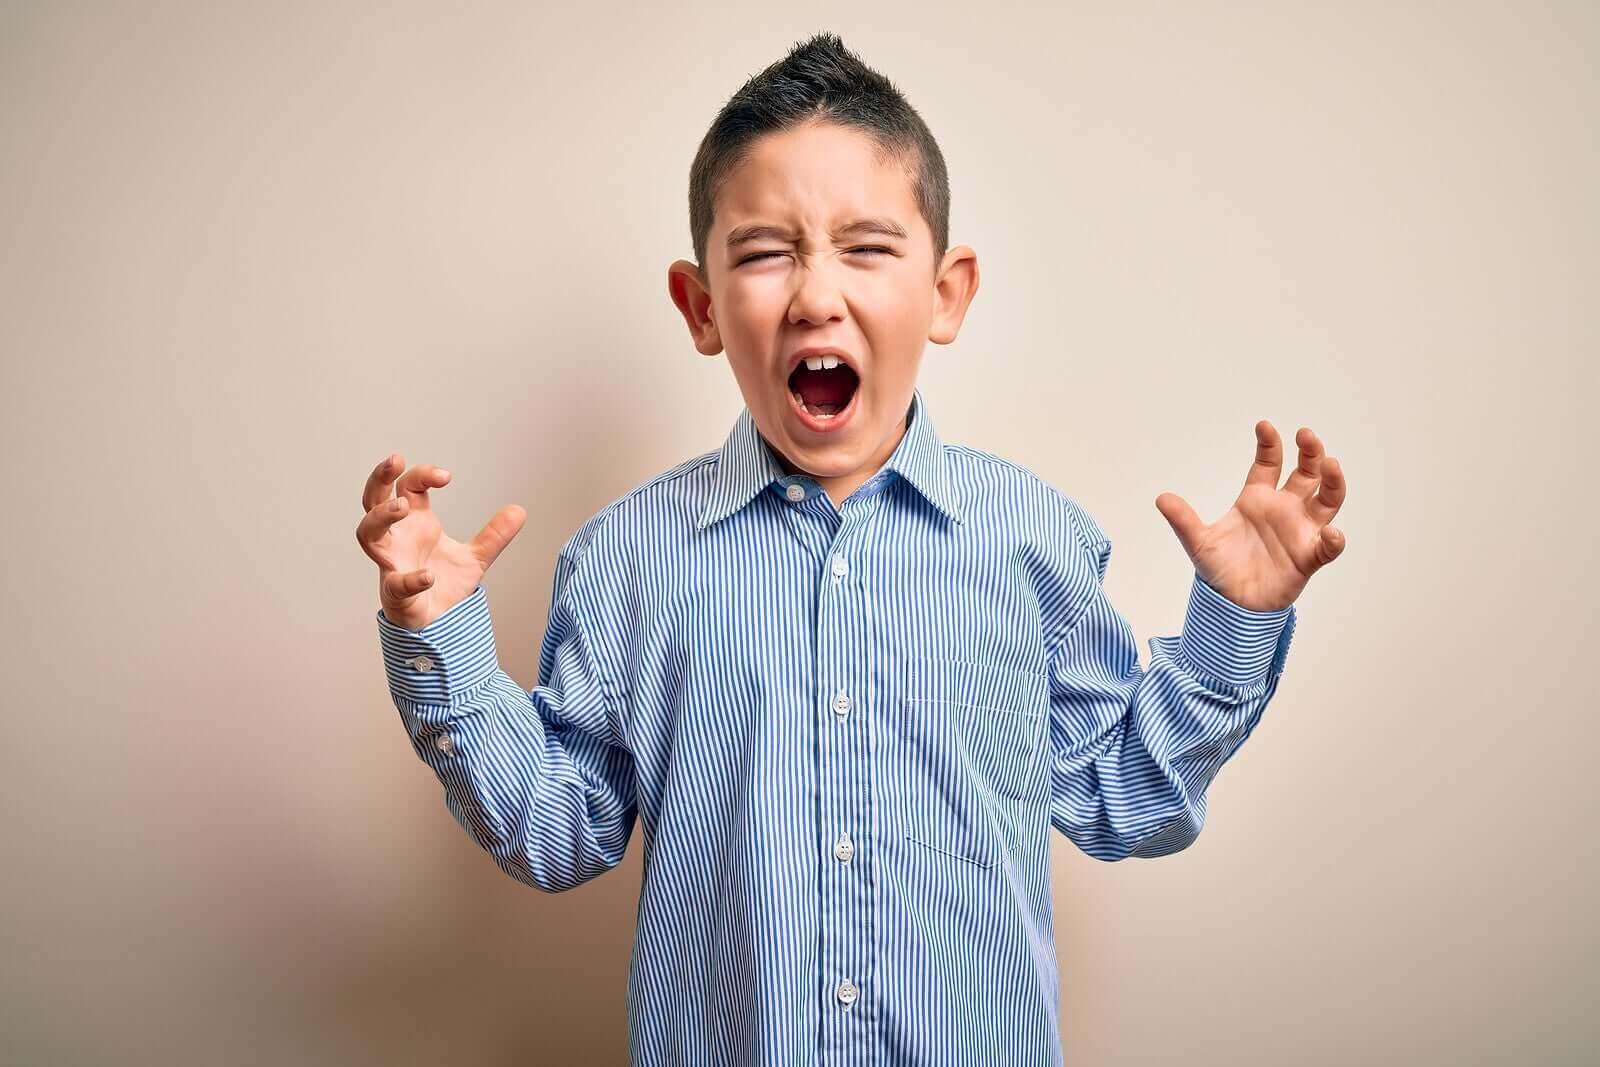 6 menetelmää lapsen aggression ja vihan hallintaan